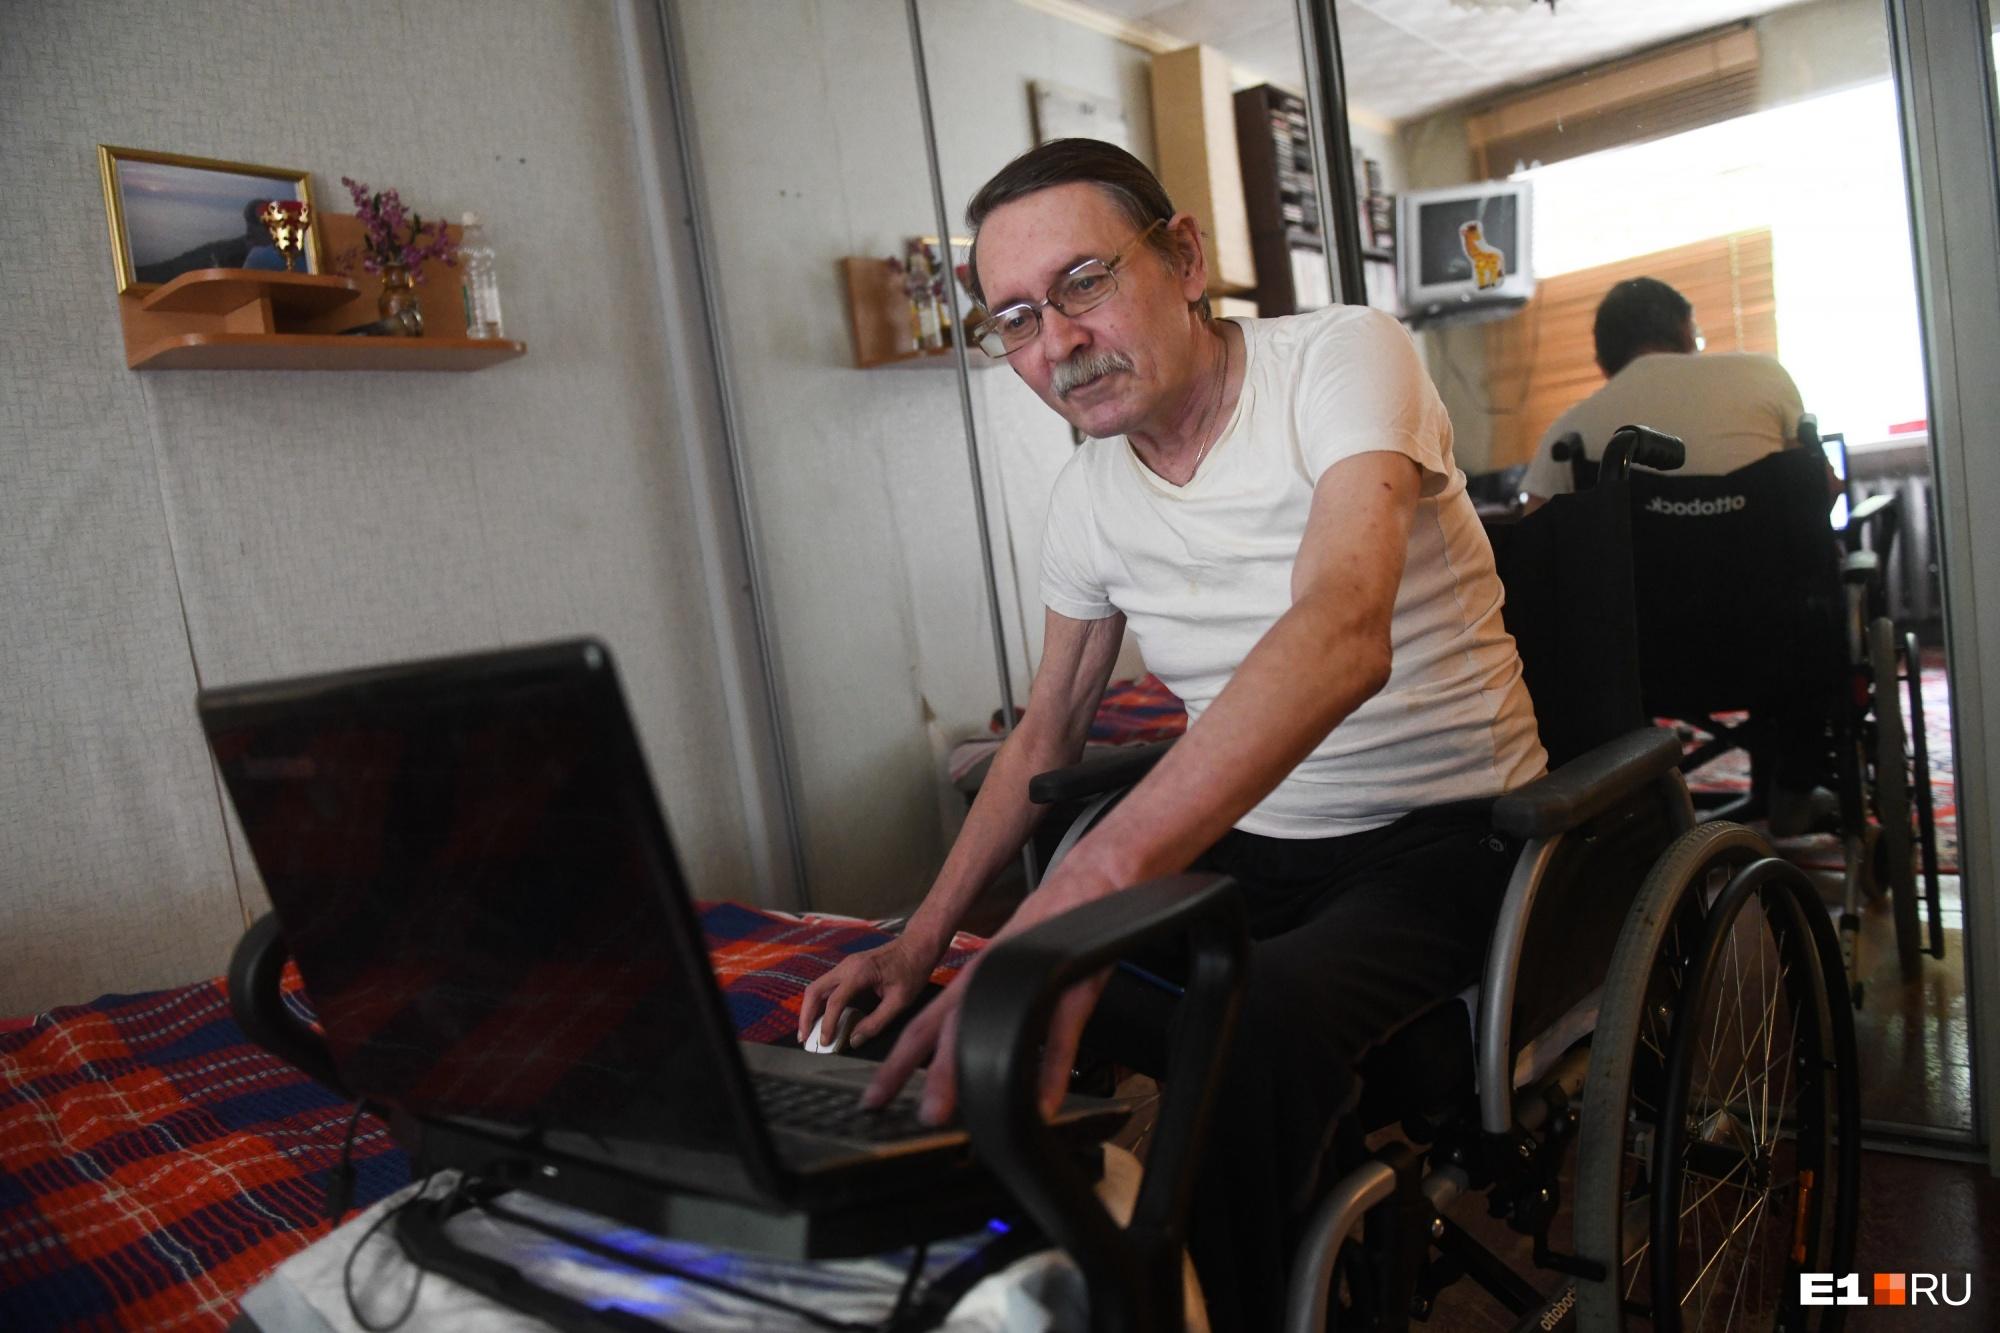 Не стесняйтесь пожать руку, если вместо нее протез: журналист-колясочник  о правилах общения с инвалидами